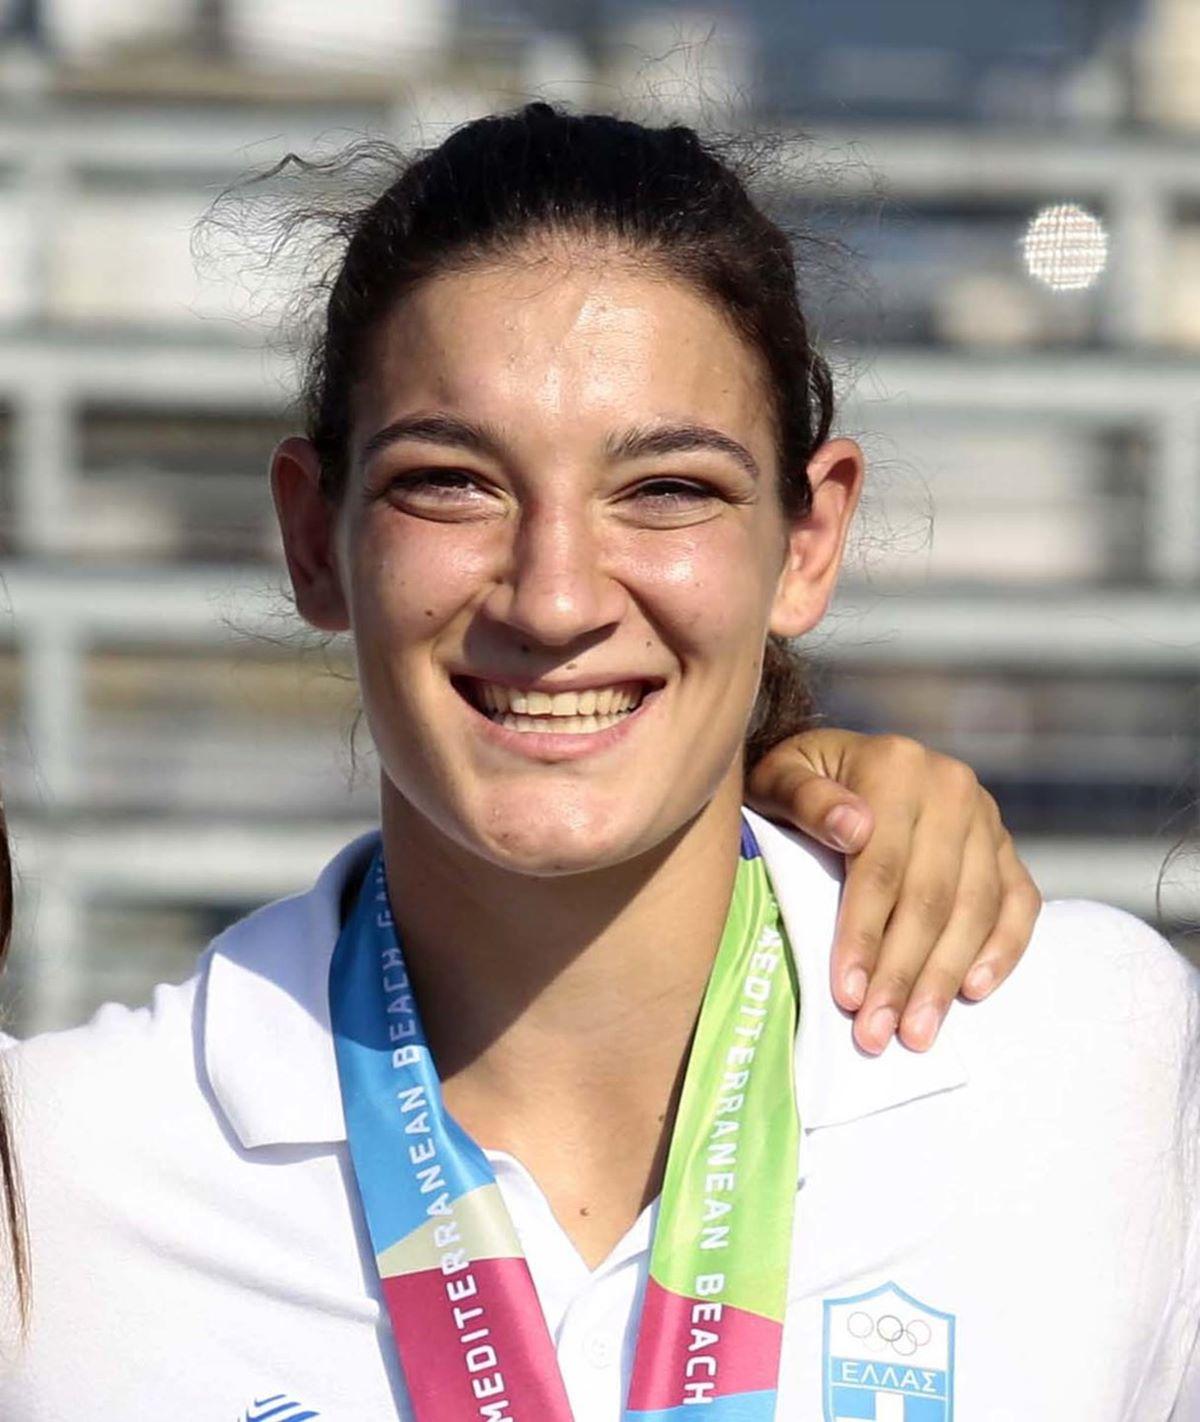 Ποδαρικό στα χρυσά μετάλλια για τη Λάρισα από την Κατερίνα Πιτσιάβα